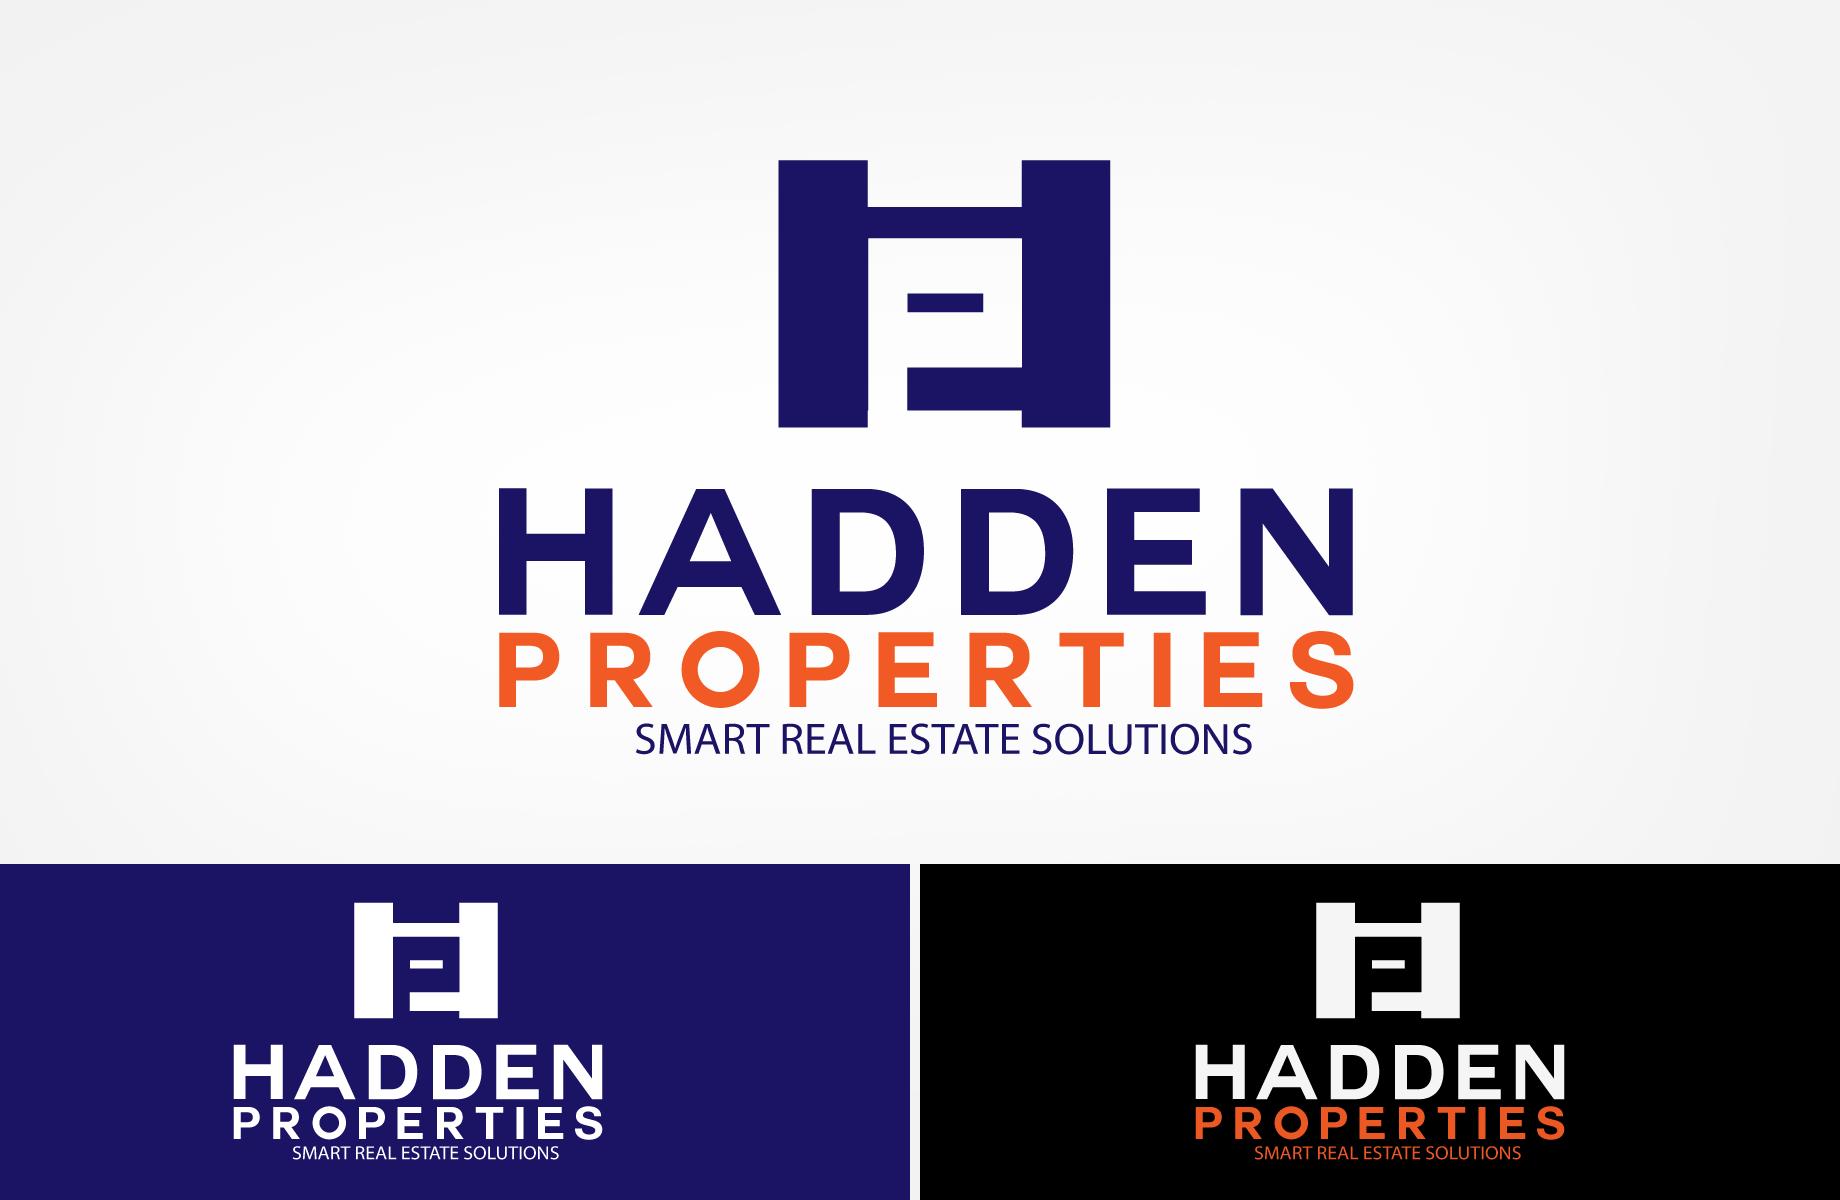 Logo Design by Jan Chua - Entry No. 188 in the Logo Design Contest Artistic Logo Design for Hadden Properties.